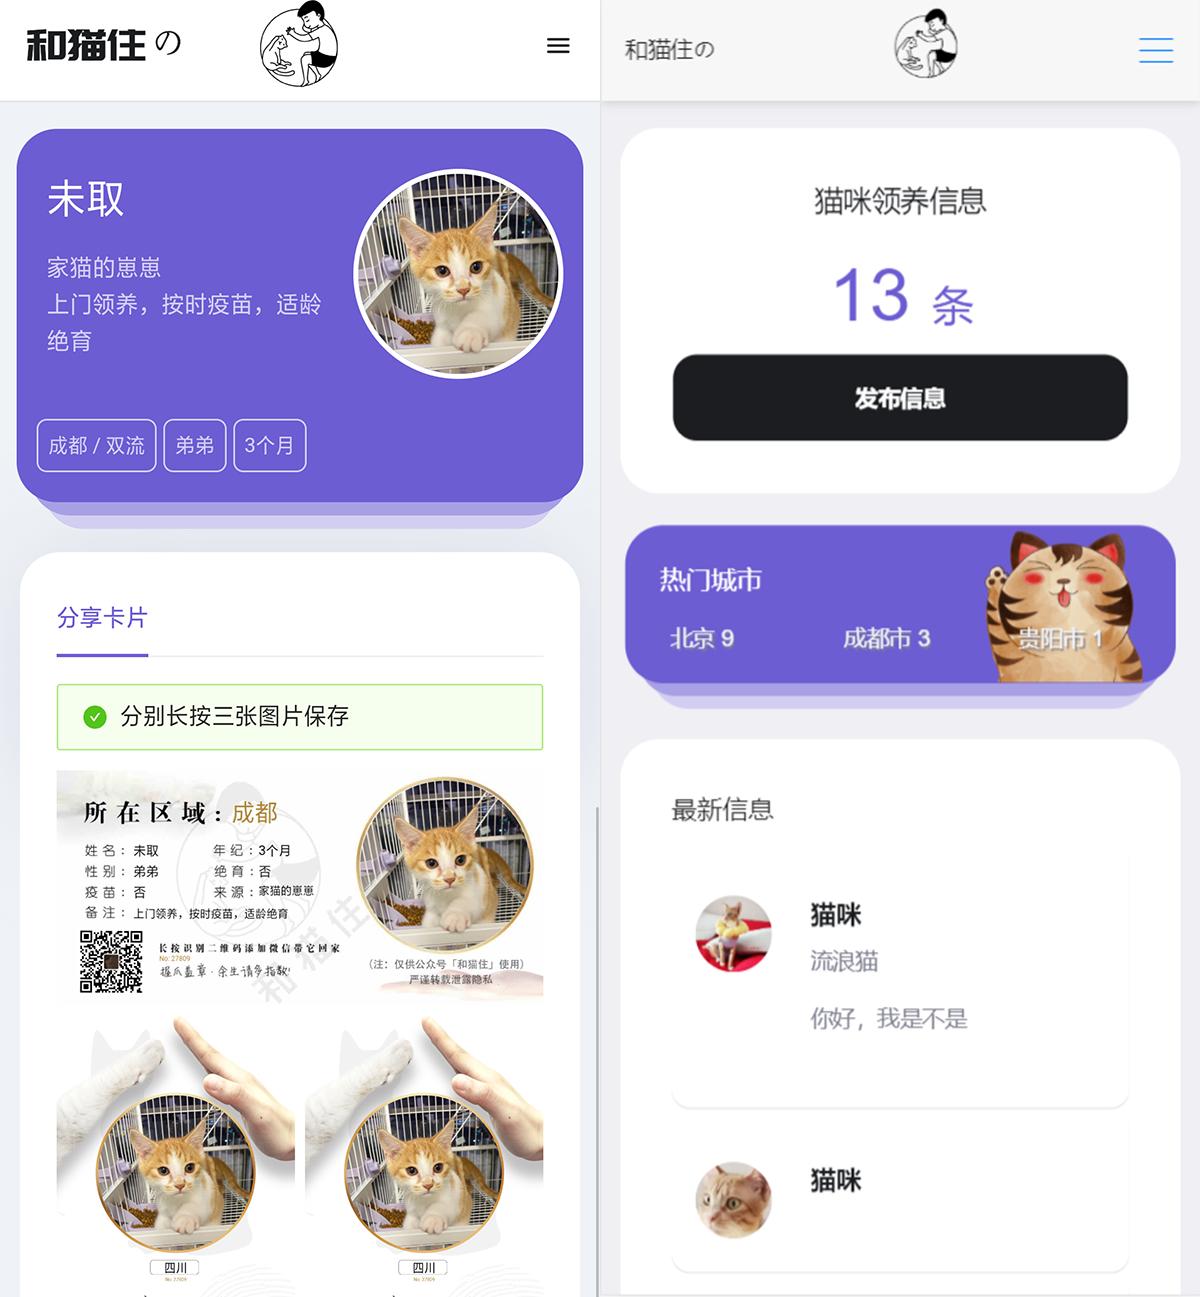 流浪猫流浪狗H5完整运营源码下载/可封装APP